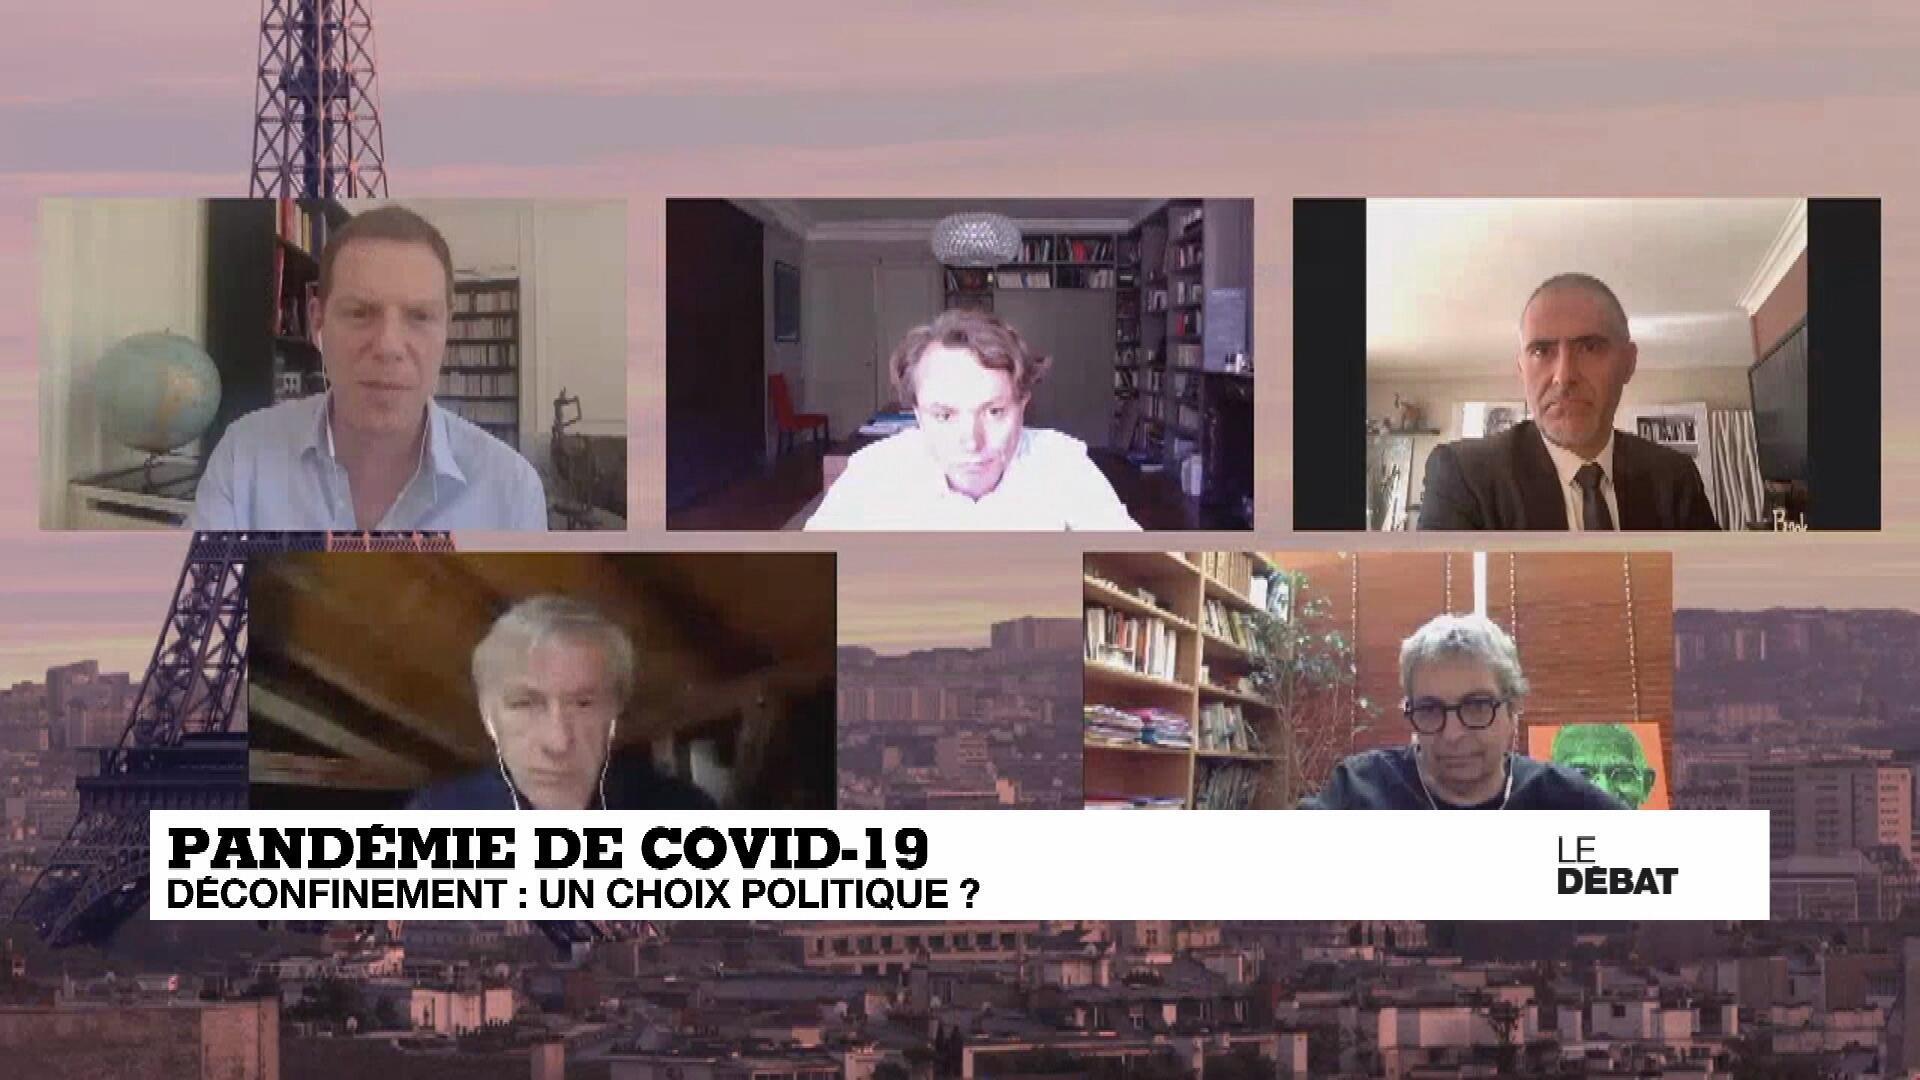 FRTK LE DEBAT 0414 (2020)_ Ep  84 DECONFINEMENT